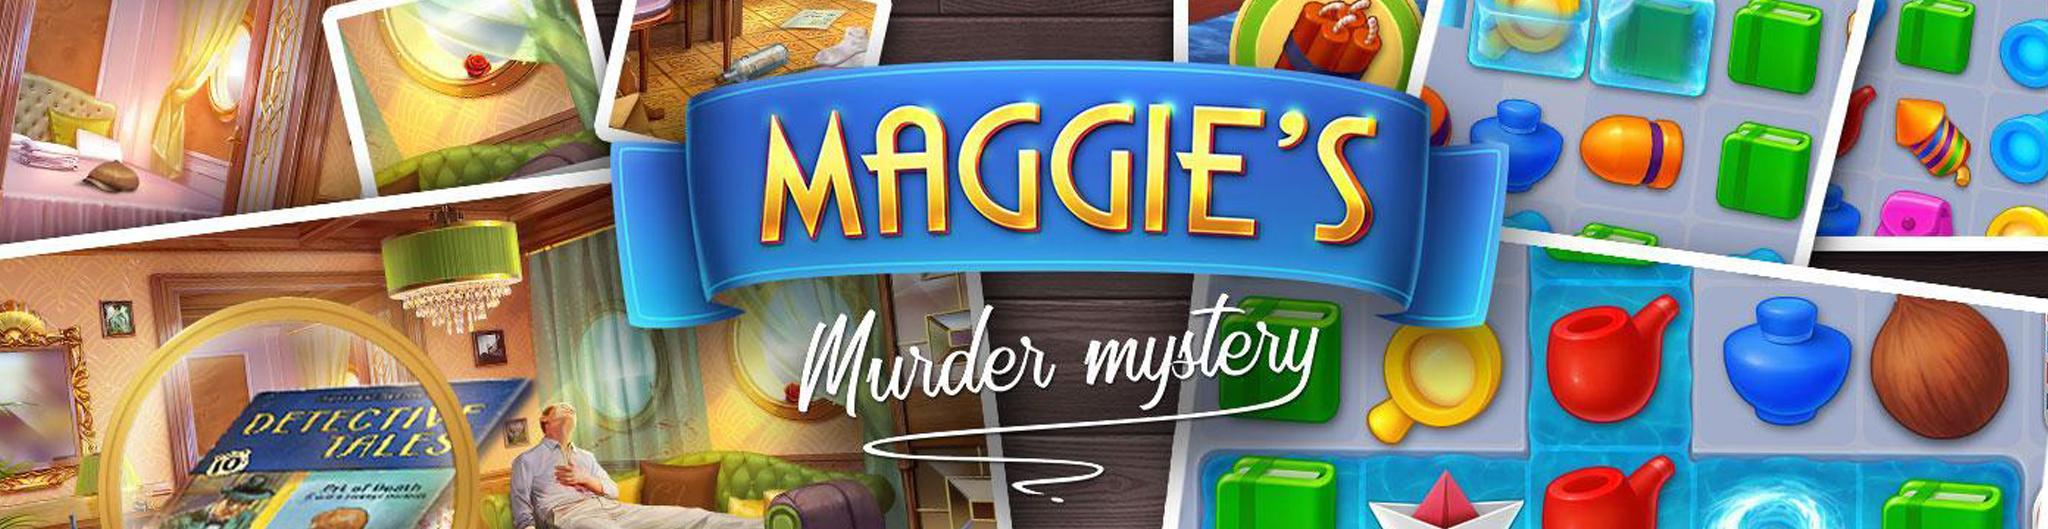 Maggie's Murder Mystery баннер